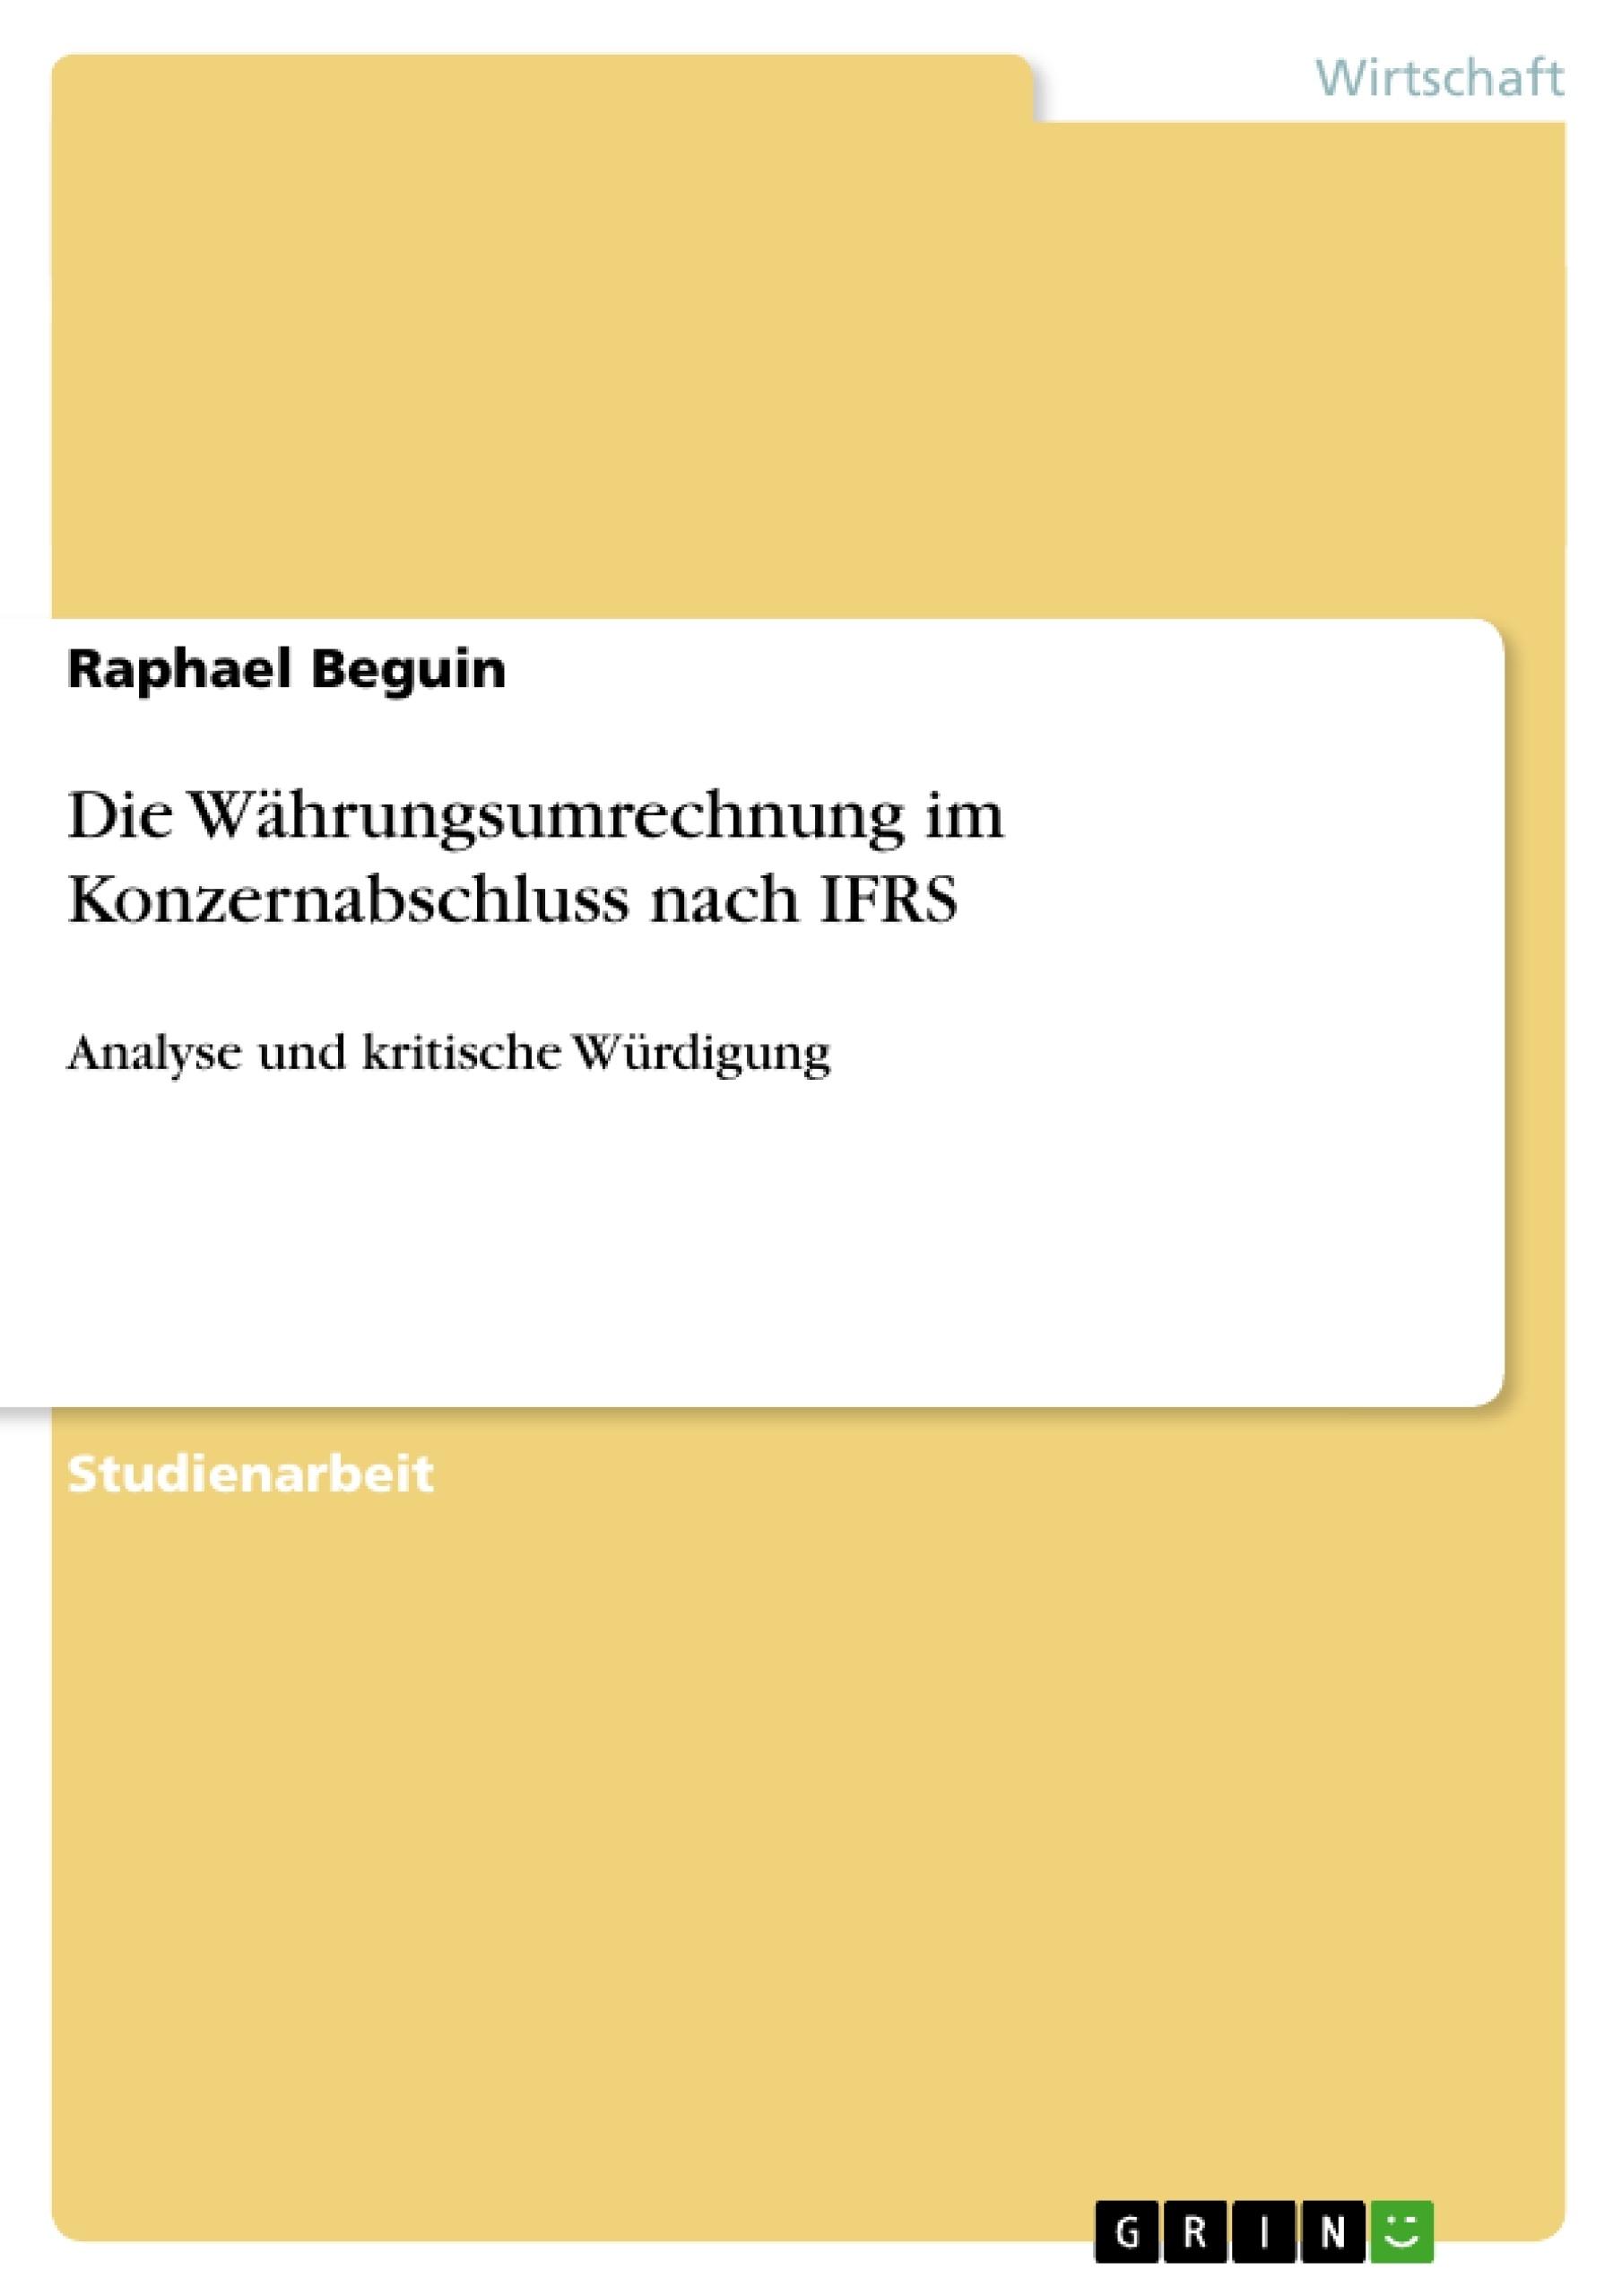 Titel: Die Währungsumrechnung im Konzernabschluss nach IFRS